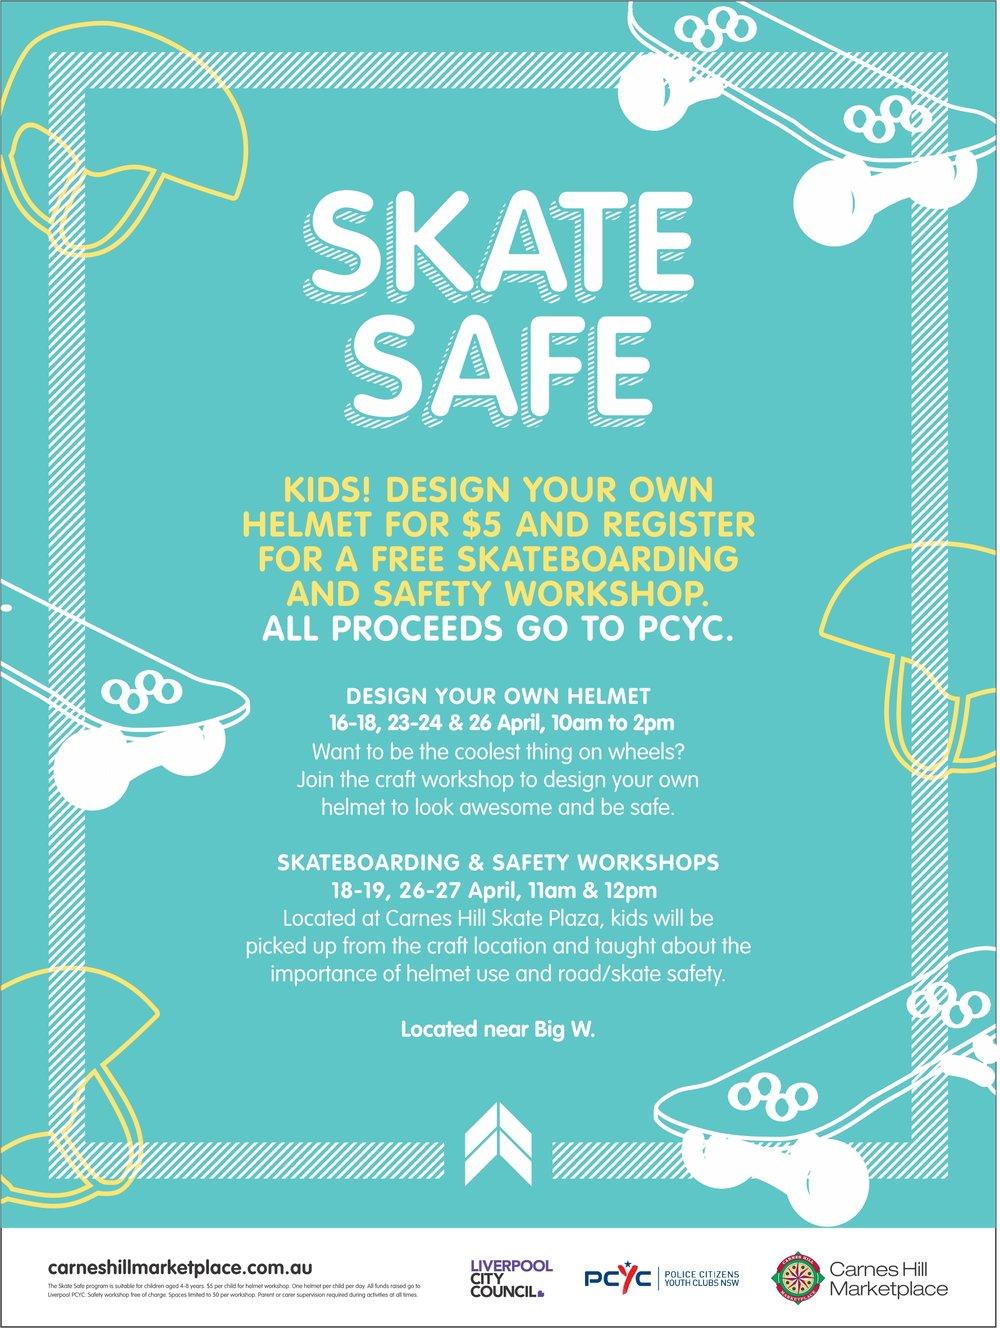 Skate Safe pg2 - 30x40.jpg